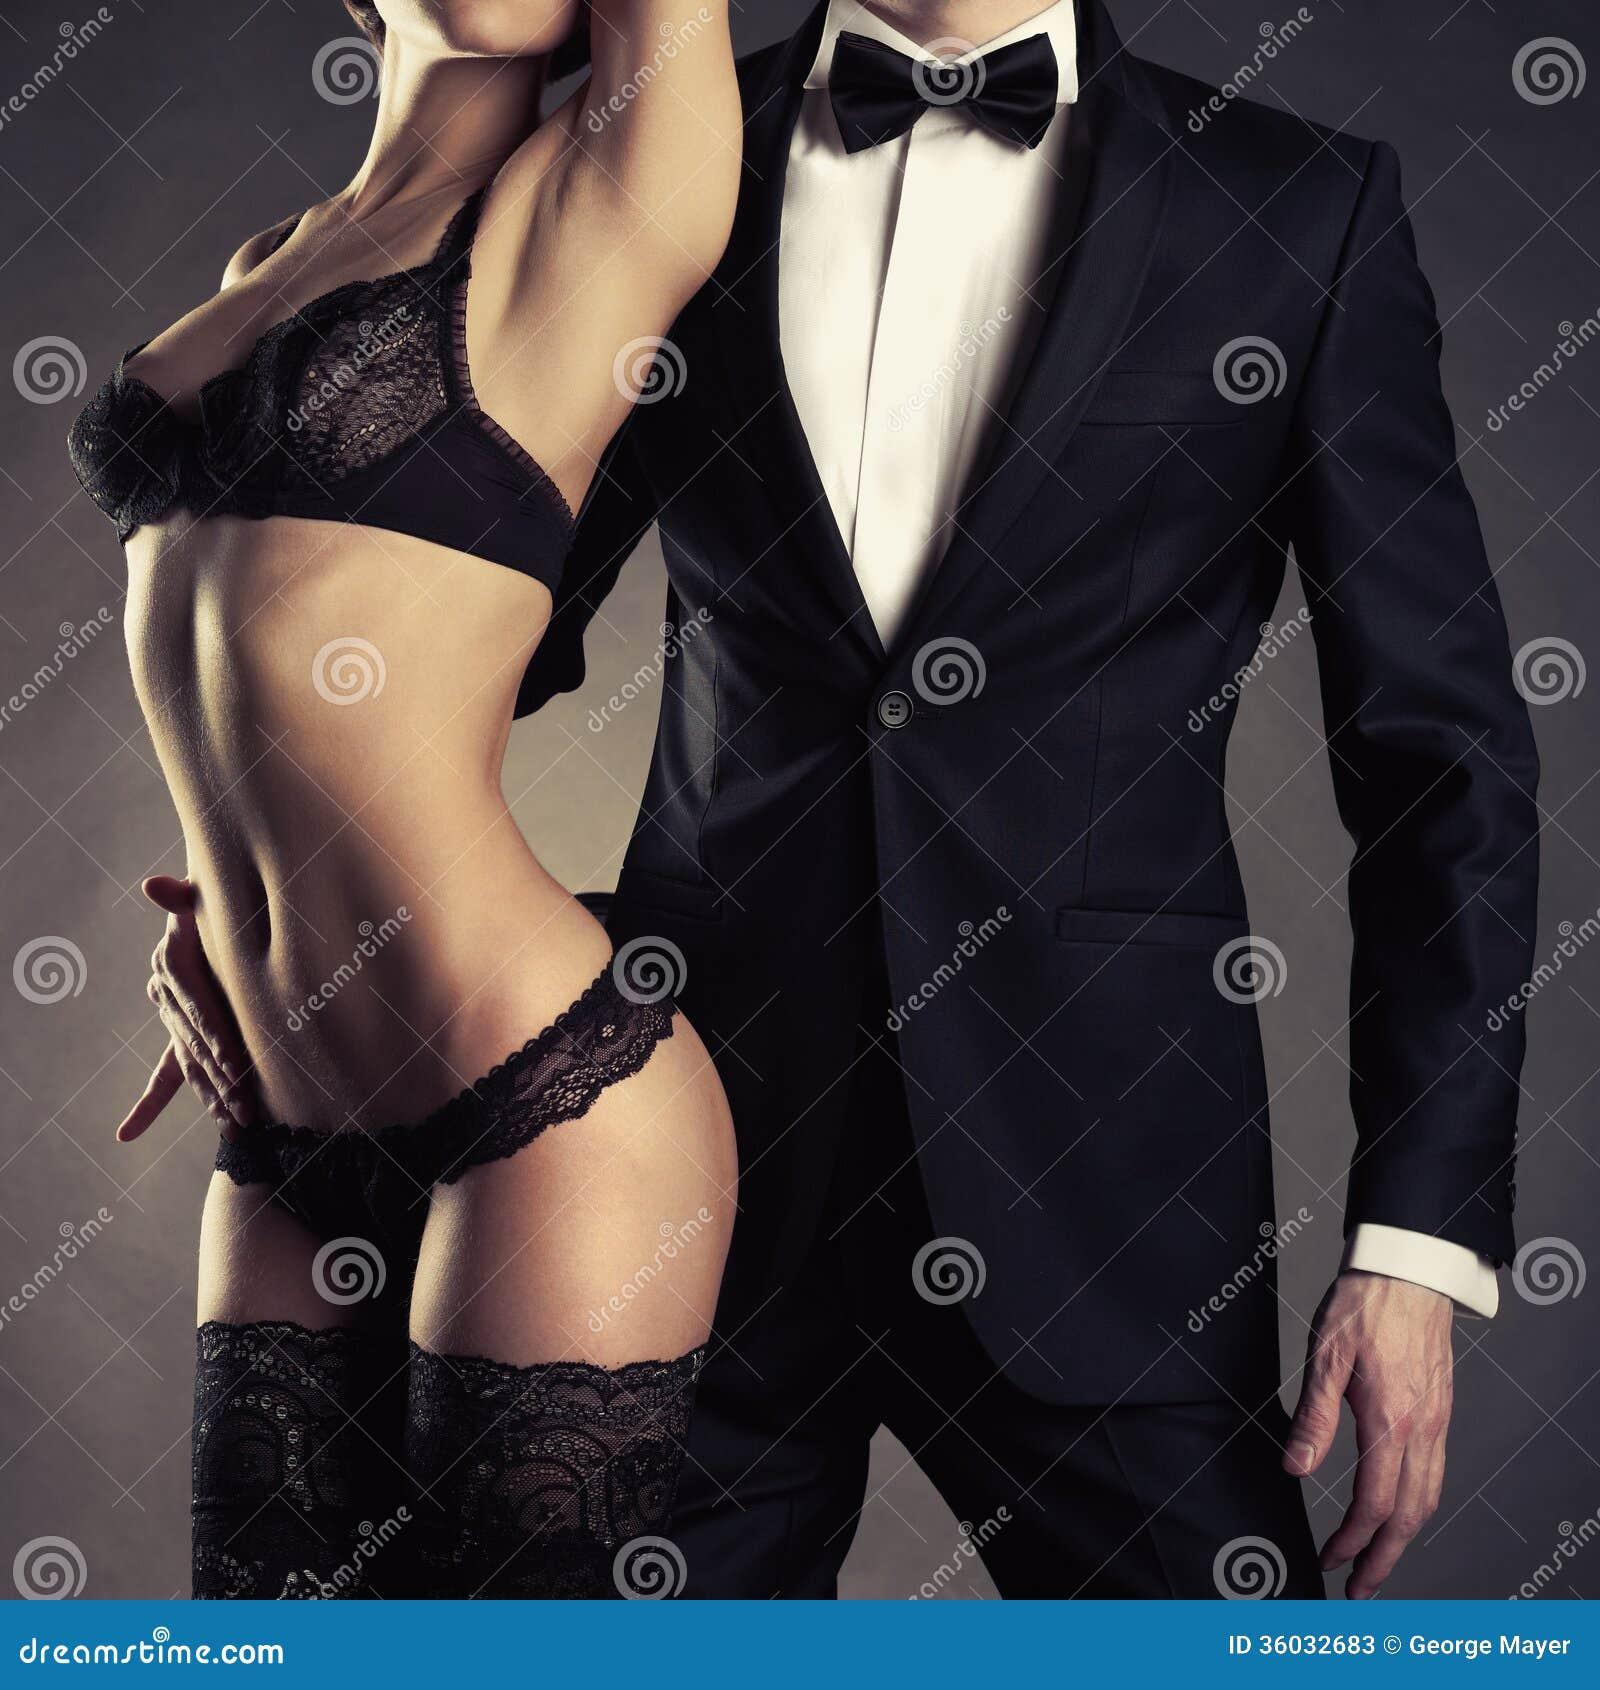 Чувственные фото мужчина и женщина 20 фотография